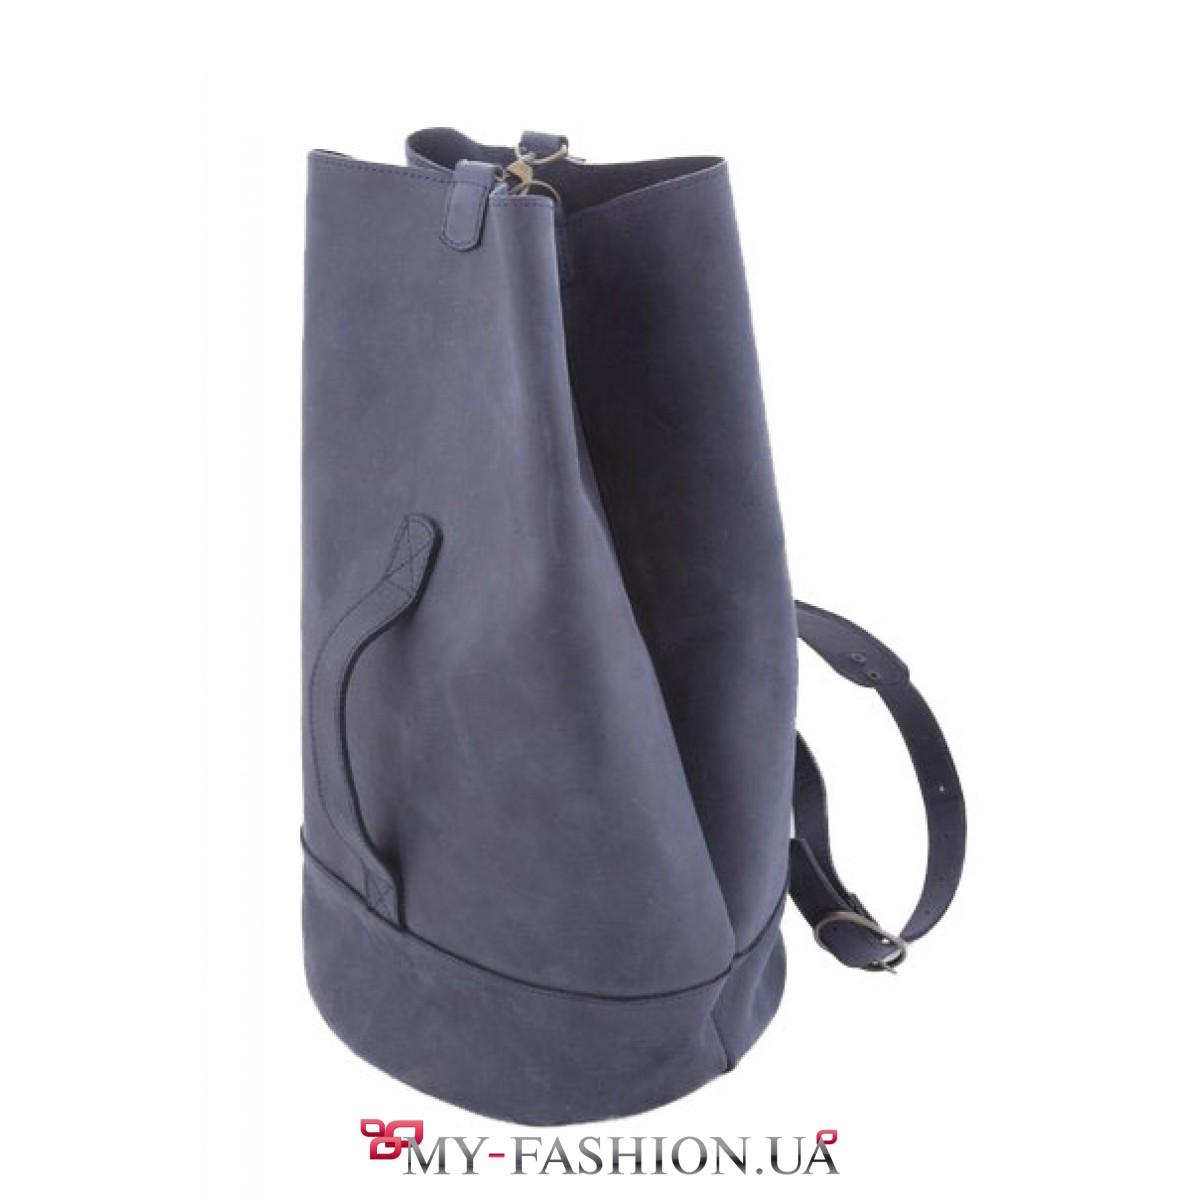 a240a540cffa Стильный кожаный рюкзак на одну шлейку купить в интернет магазине в ...